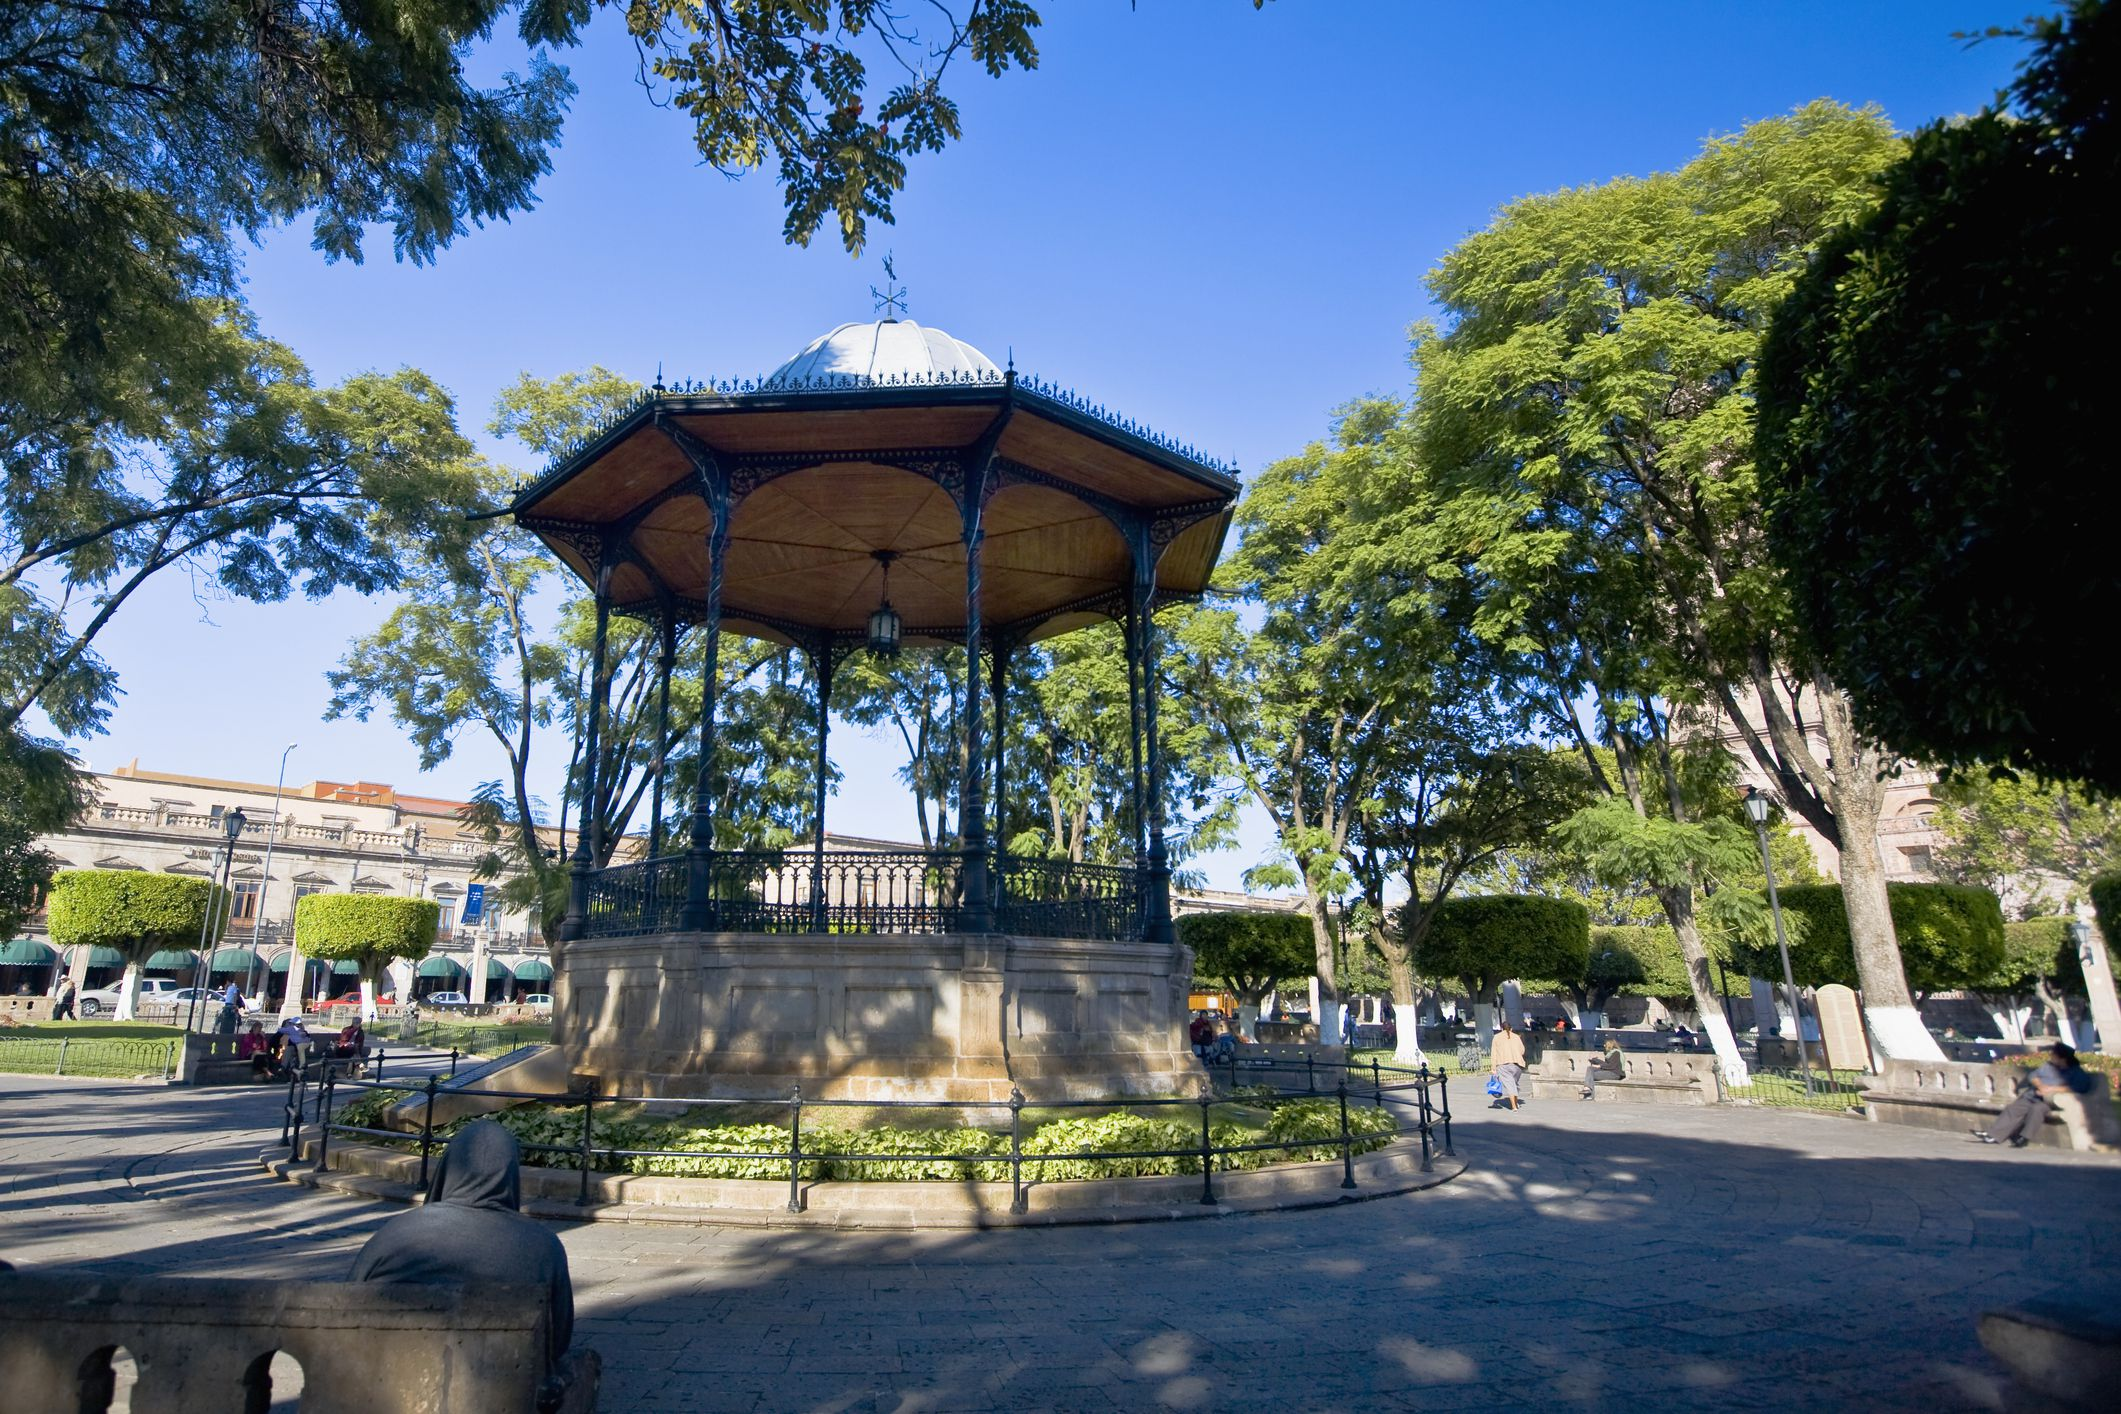 The main square in Morelia, Michoacan